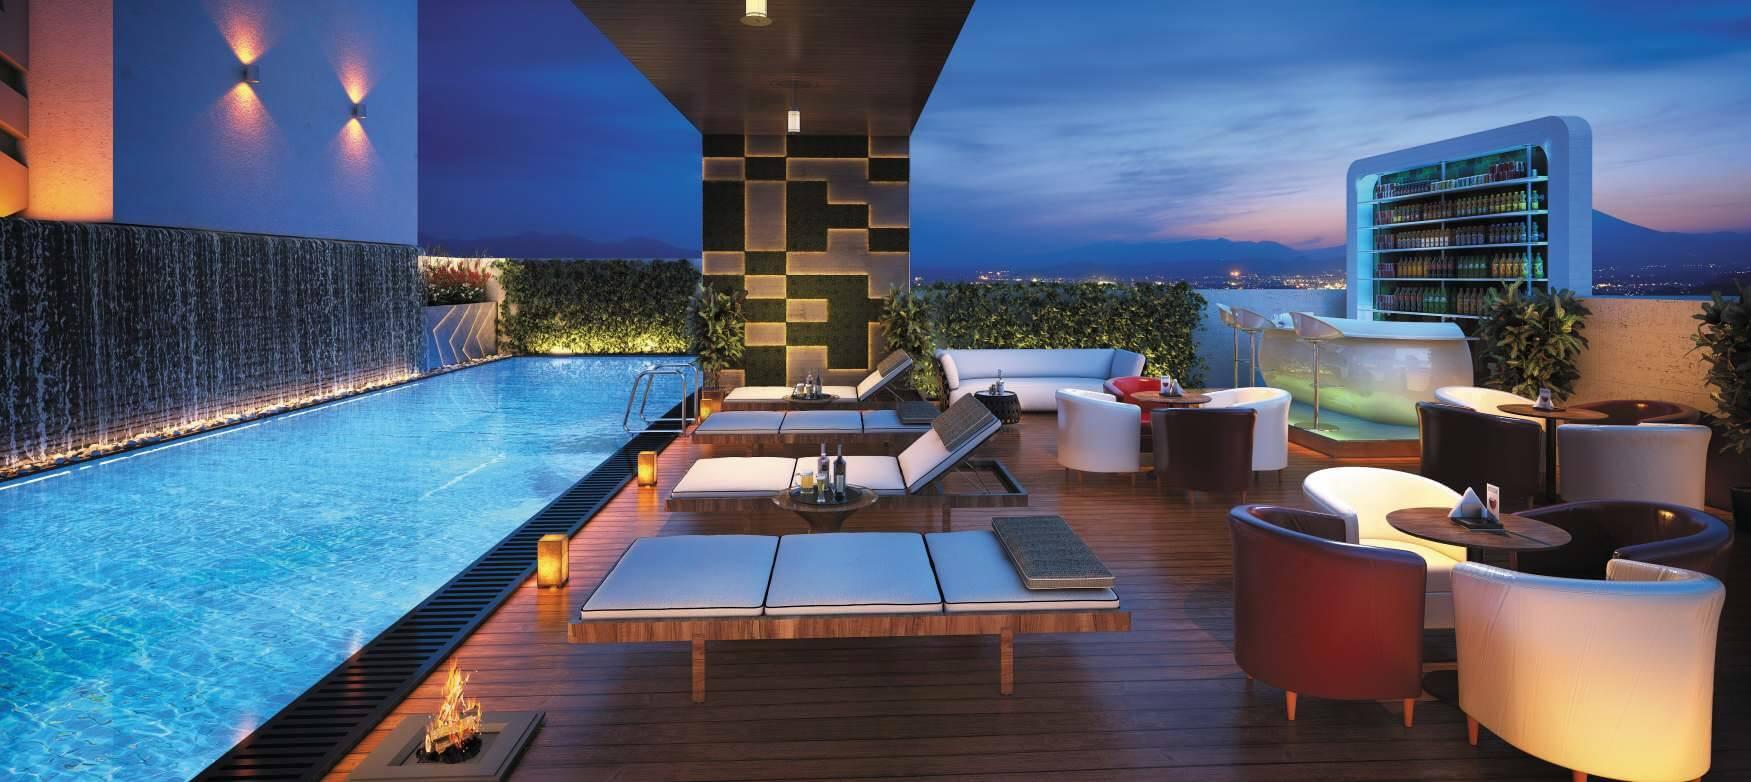 ruparel nova amenities features3